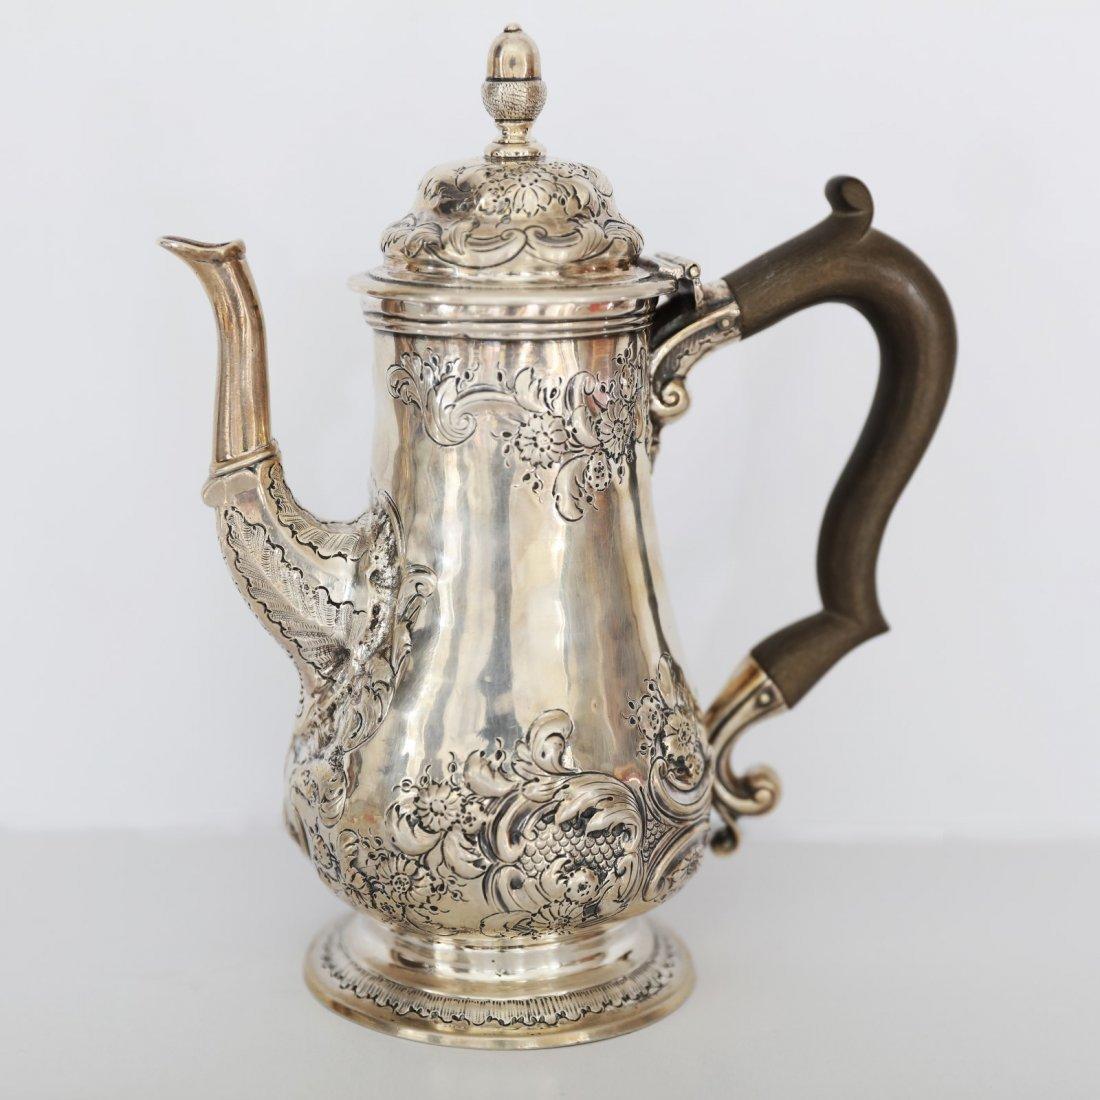 MANIFATTURA INGLESE DEL XIX SECOLO Teiera in argento